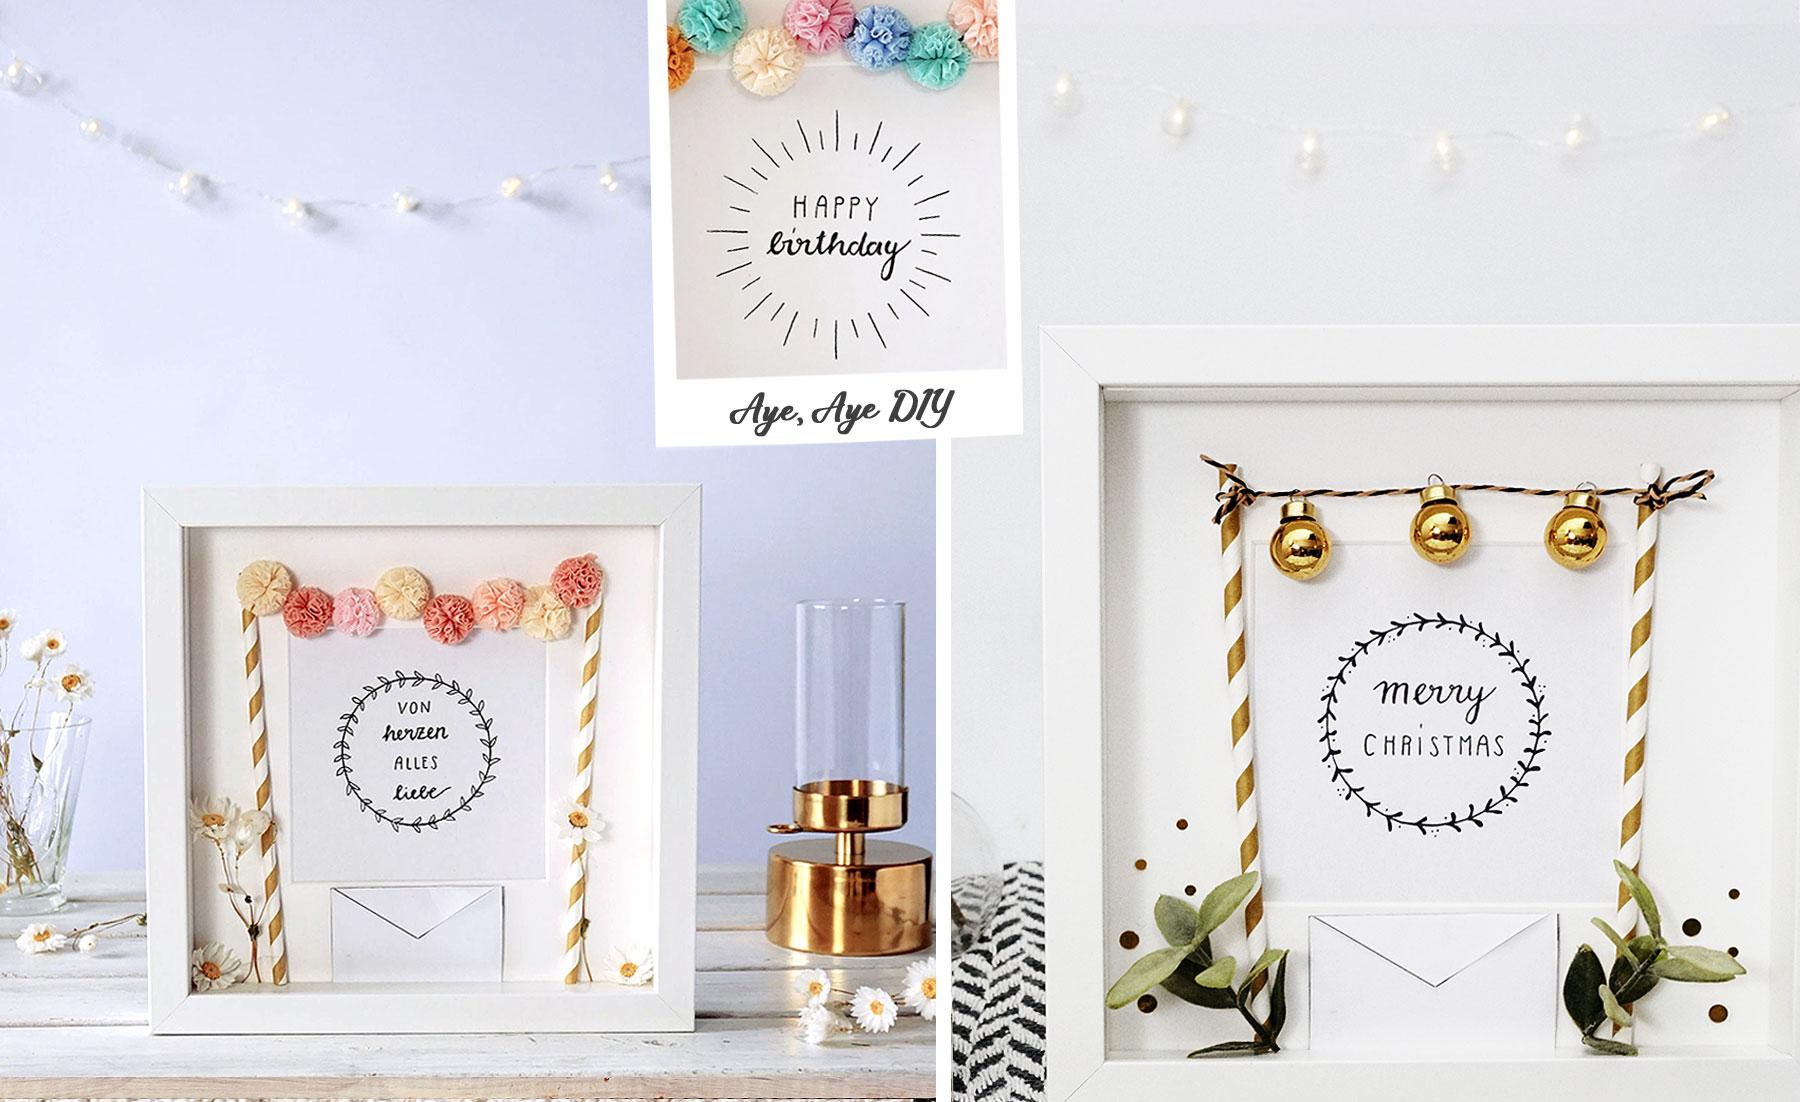 DIY Geldgeschenk für Weihnachten, Geburtstag & Hochzeit: 3 Printables zum Ausdrucken